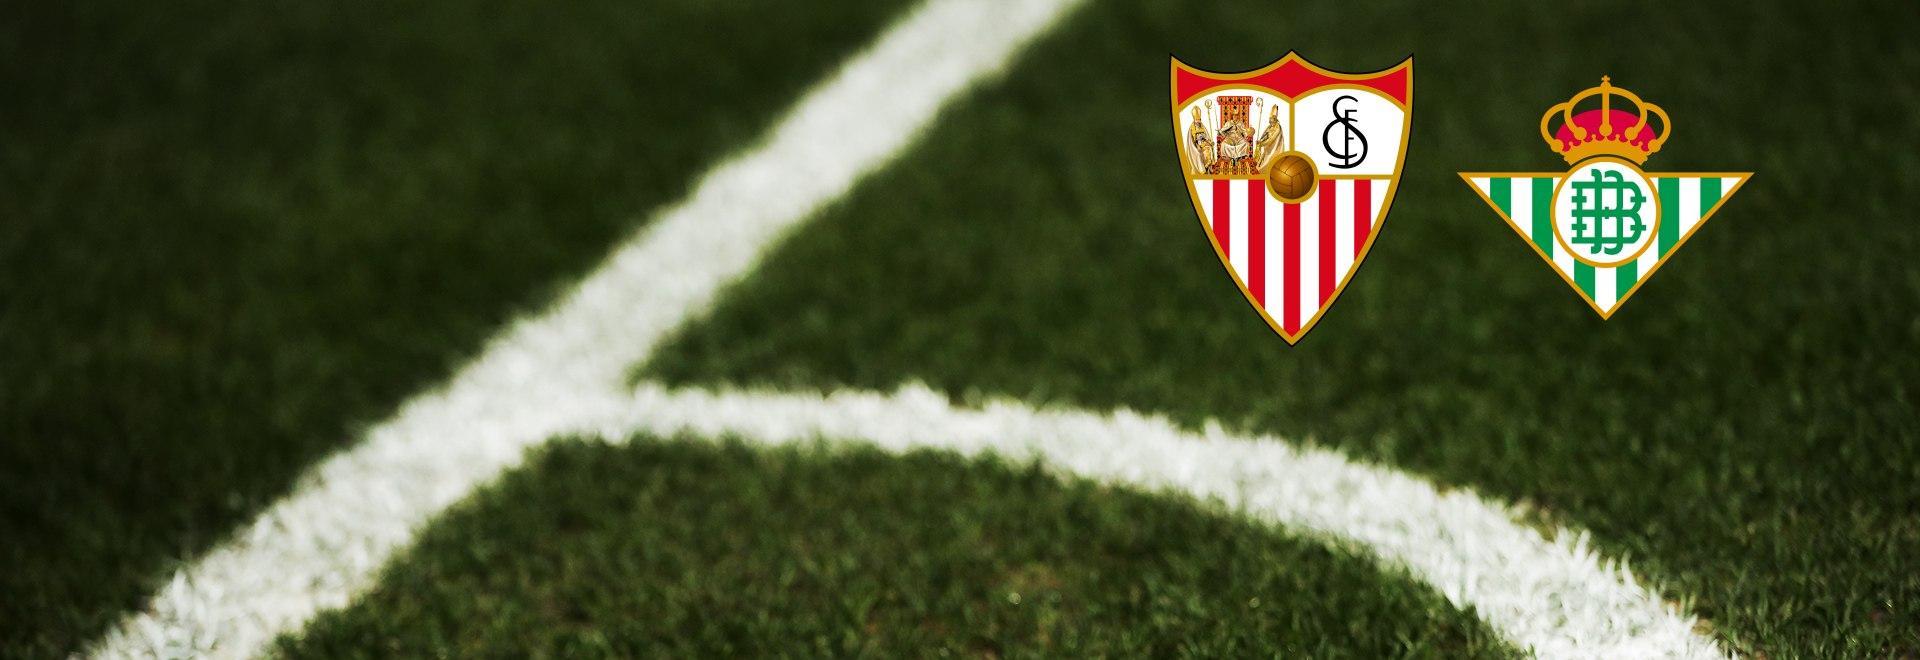 Siviglia - Real Betis. 28a g.